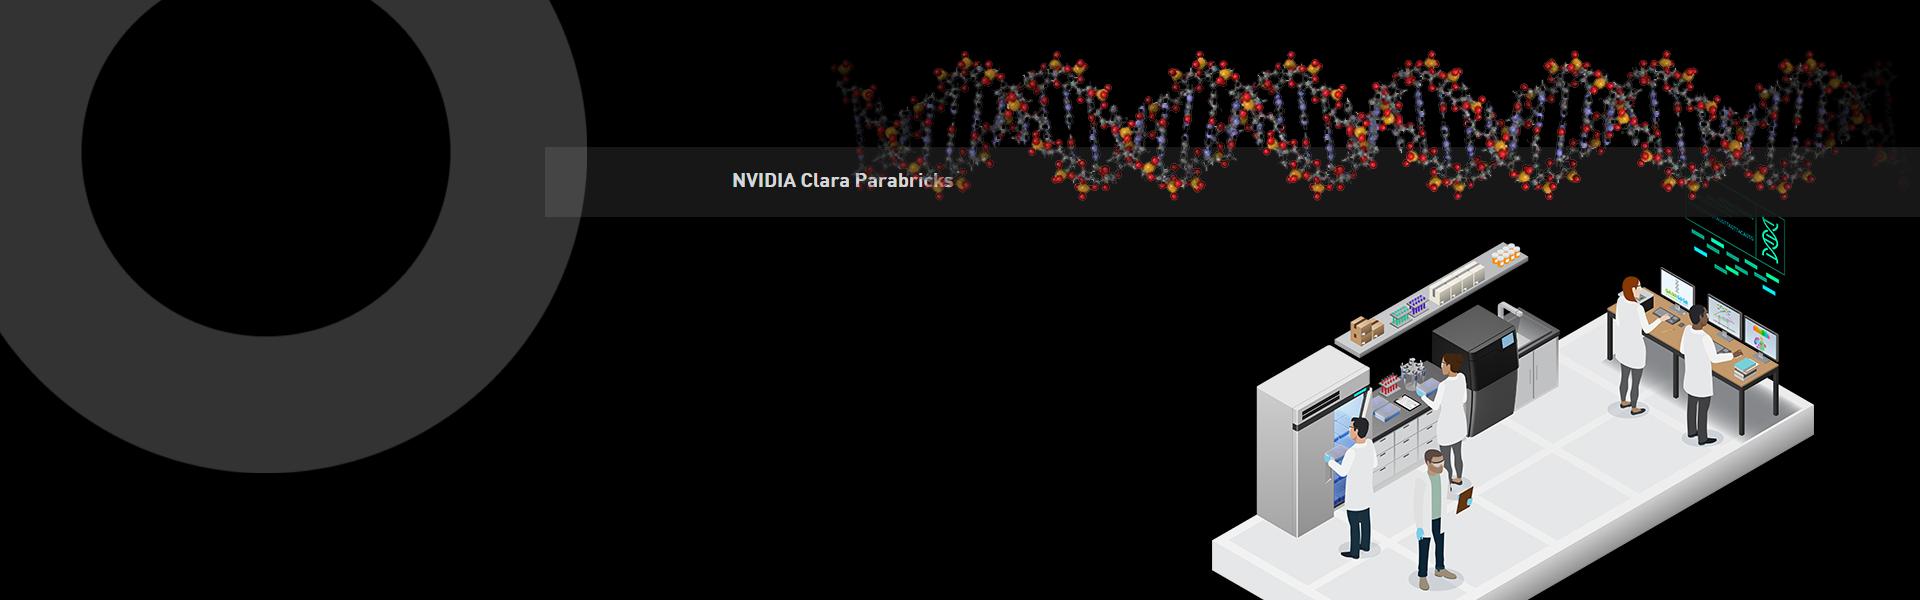 <b>NVIDIA CLARA Parabricks</b>